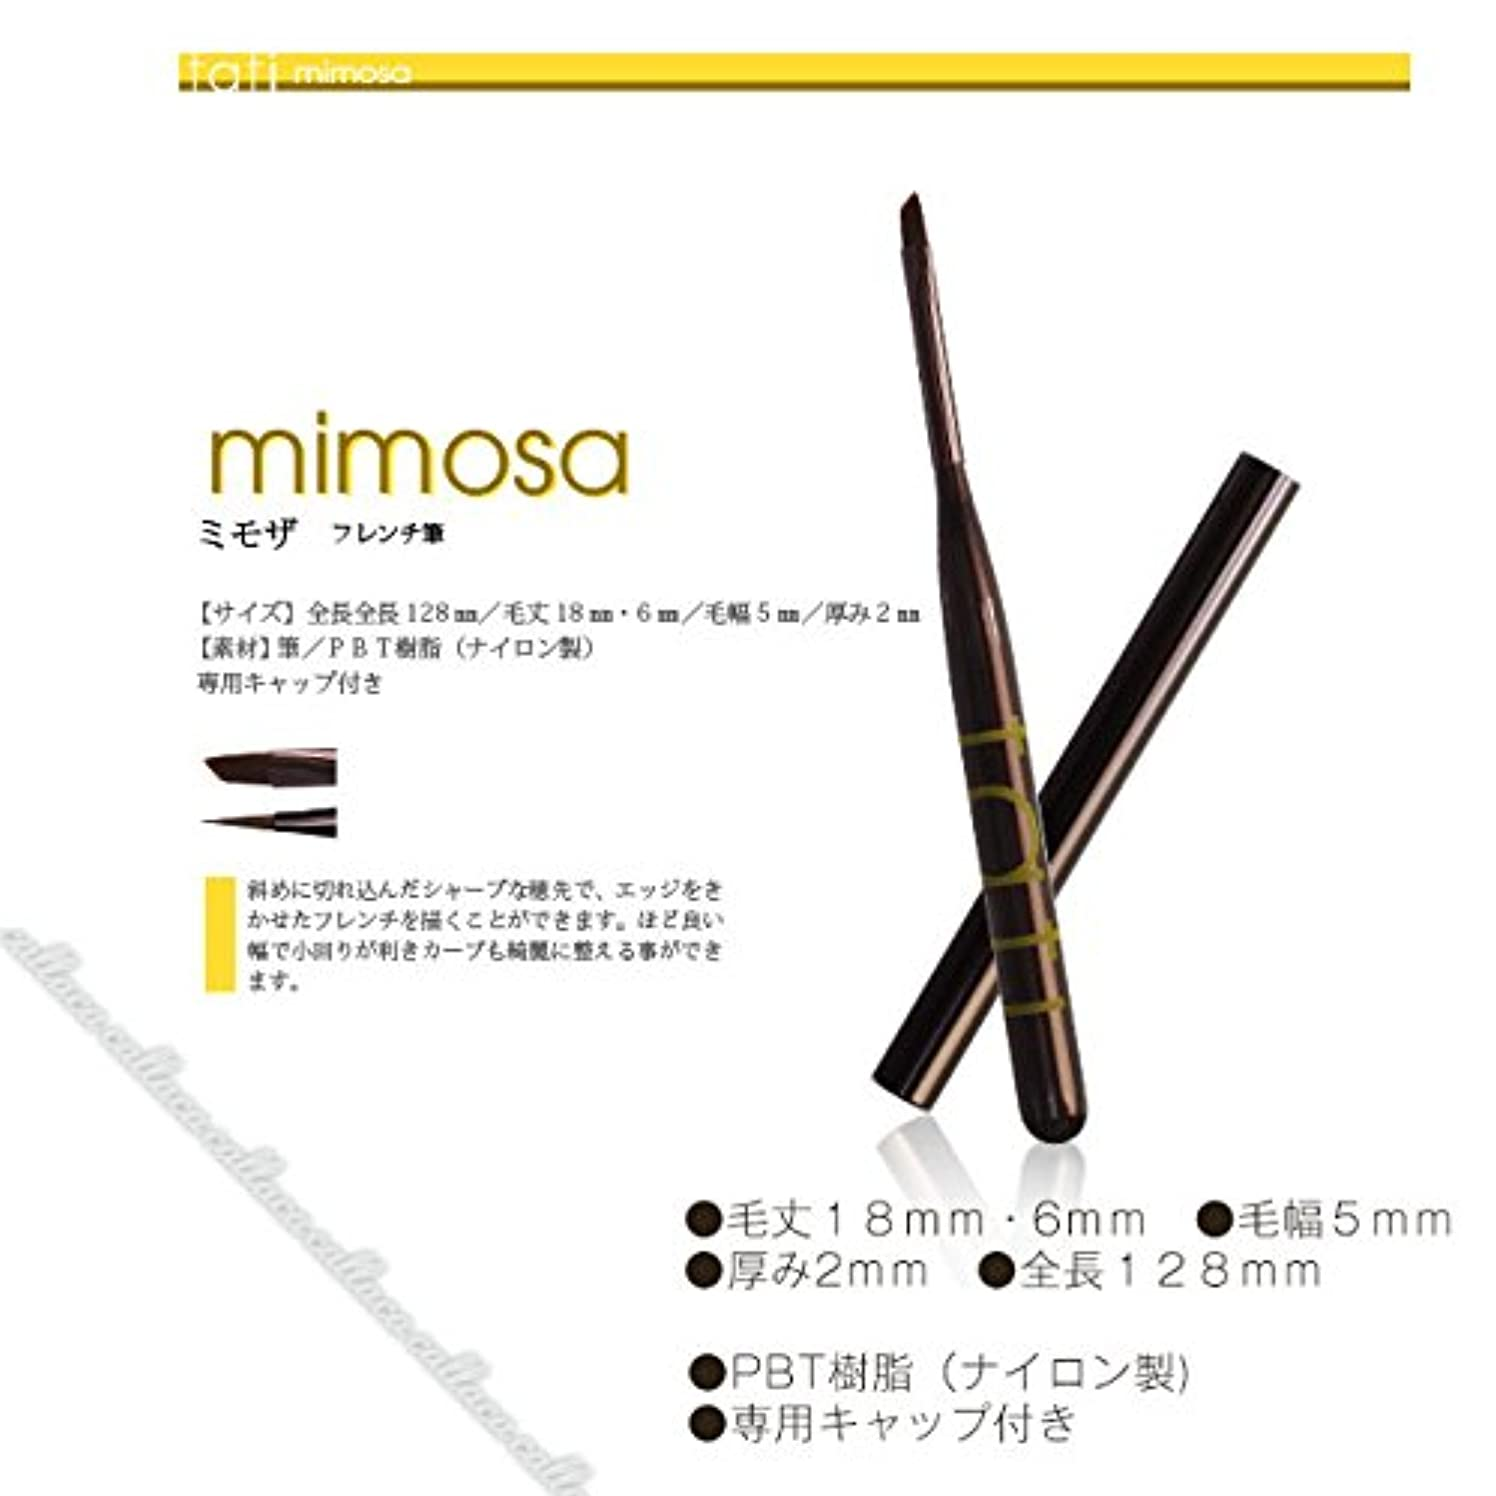 水星全能名誉tati アートショコラ mimosa (ミモザ)